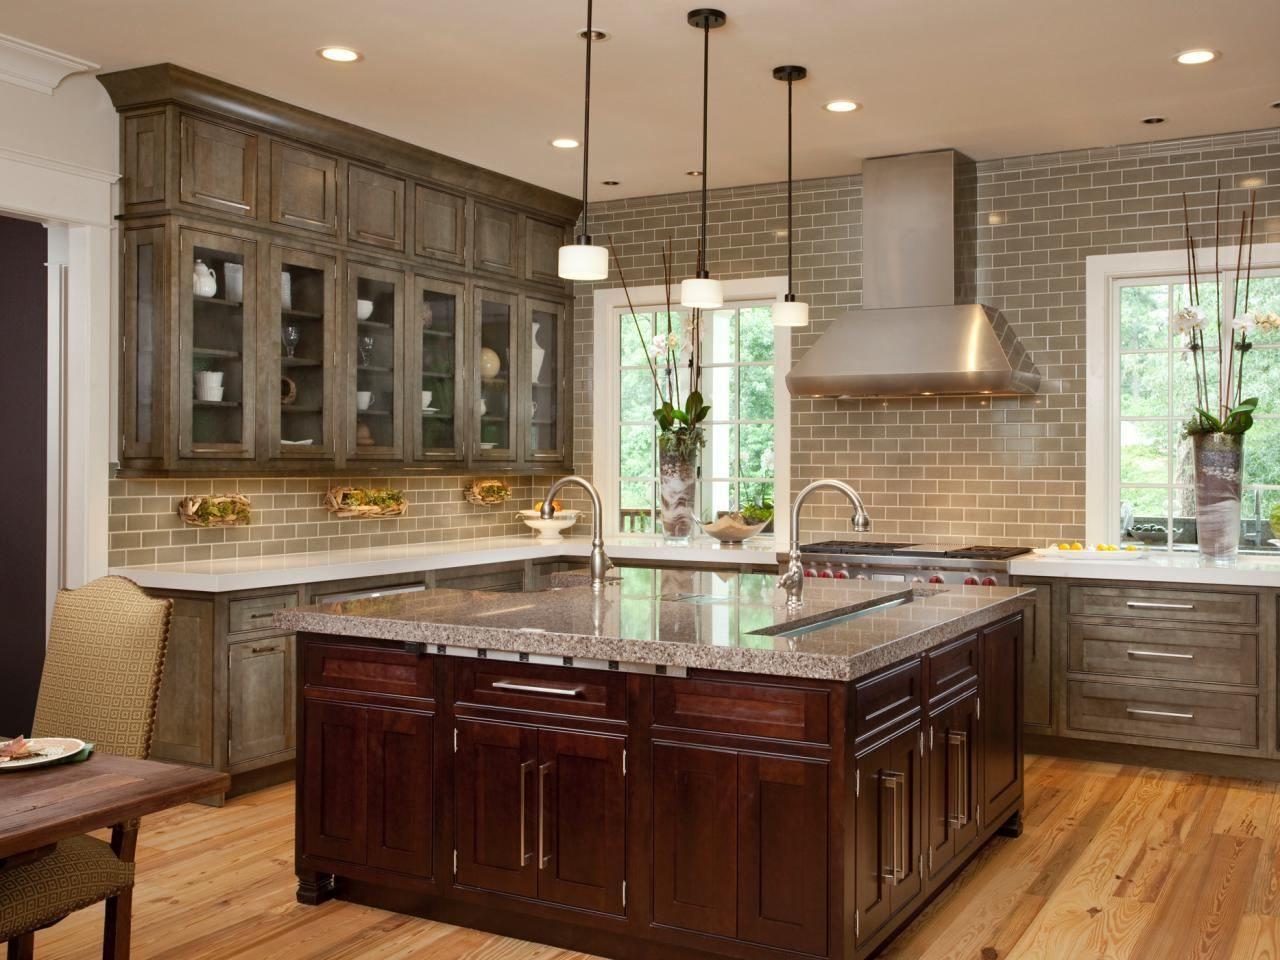 Black High Gloss Wood Large Cabinet Gray Kitchen Cabinets Modern Beige Tile Ceramic Backspla Distressed Kitchen Cabinets Interior Design Kitchen Kitchen Design